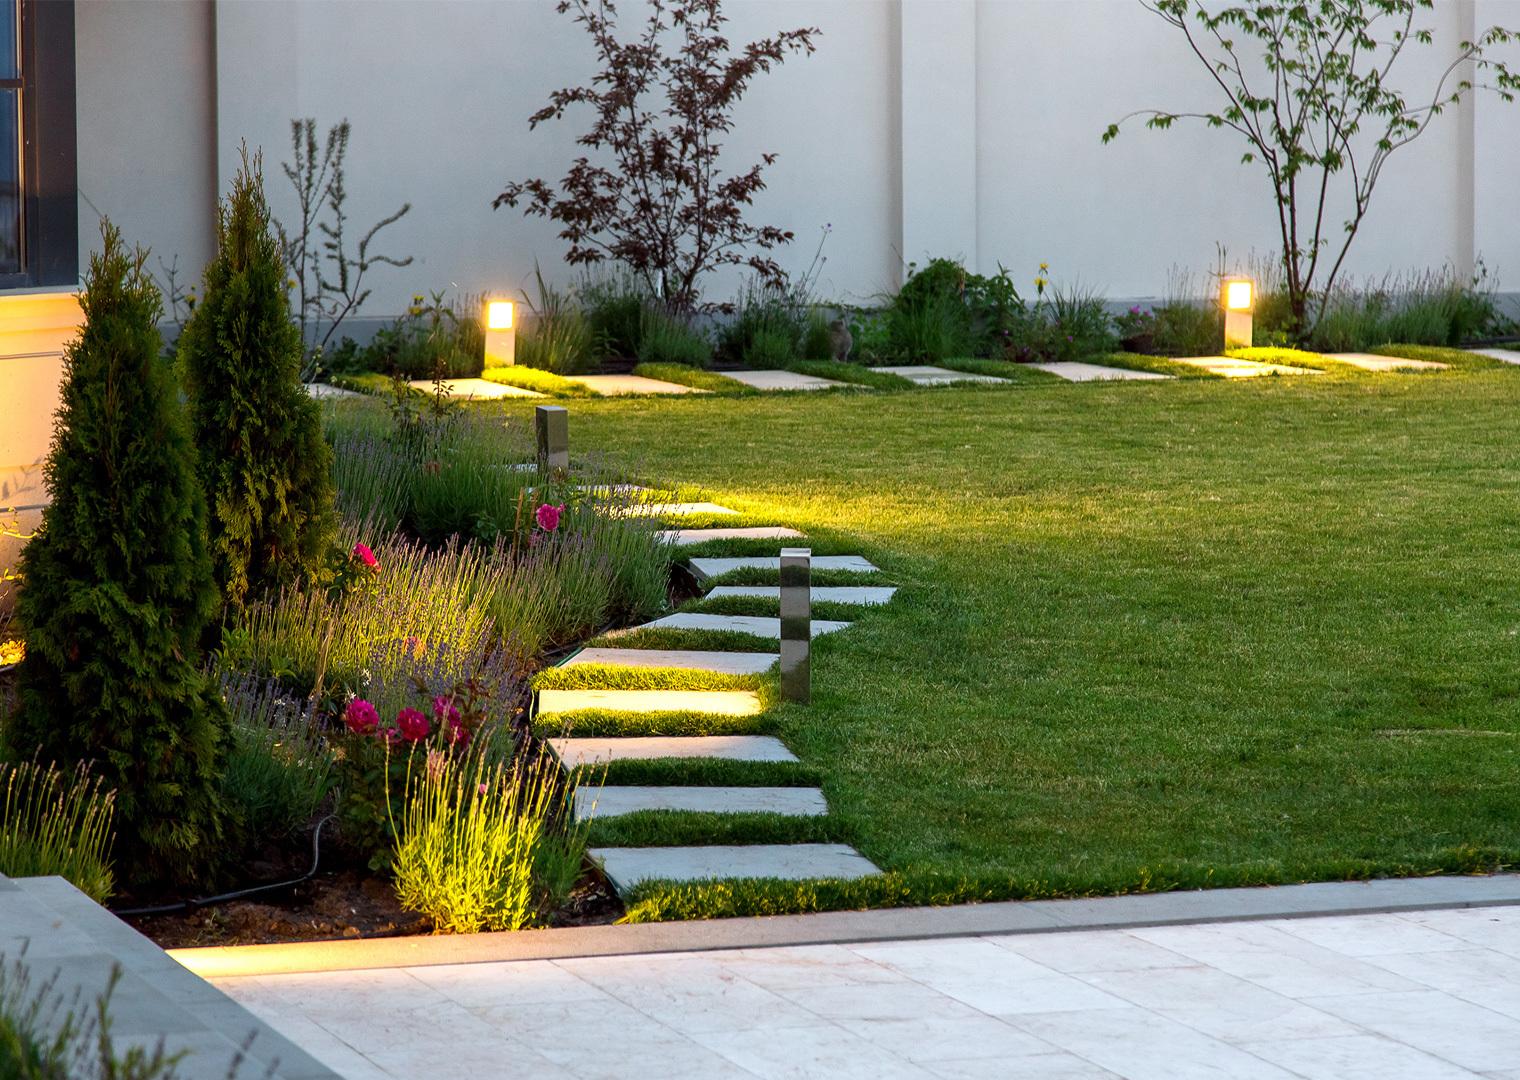 Gartenbeleuchtung am Wegrand